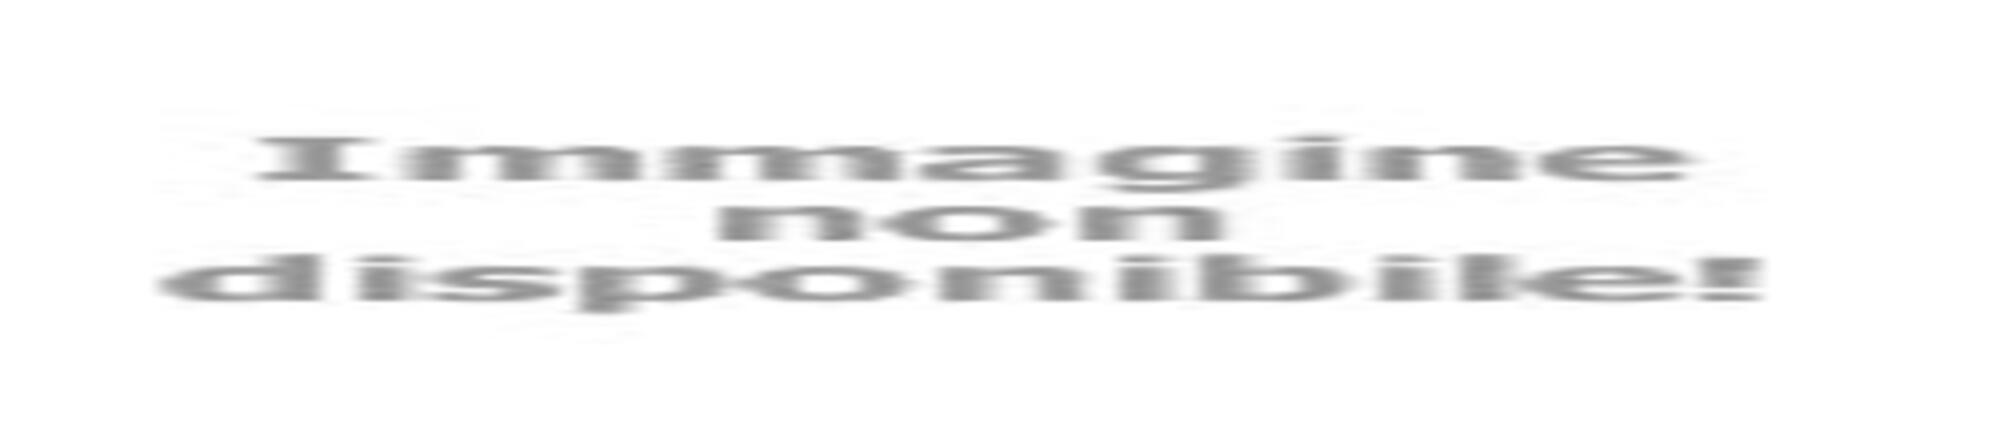 Angebot zur Beer&Food Experience in Rimini